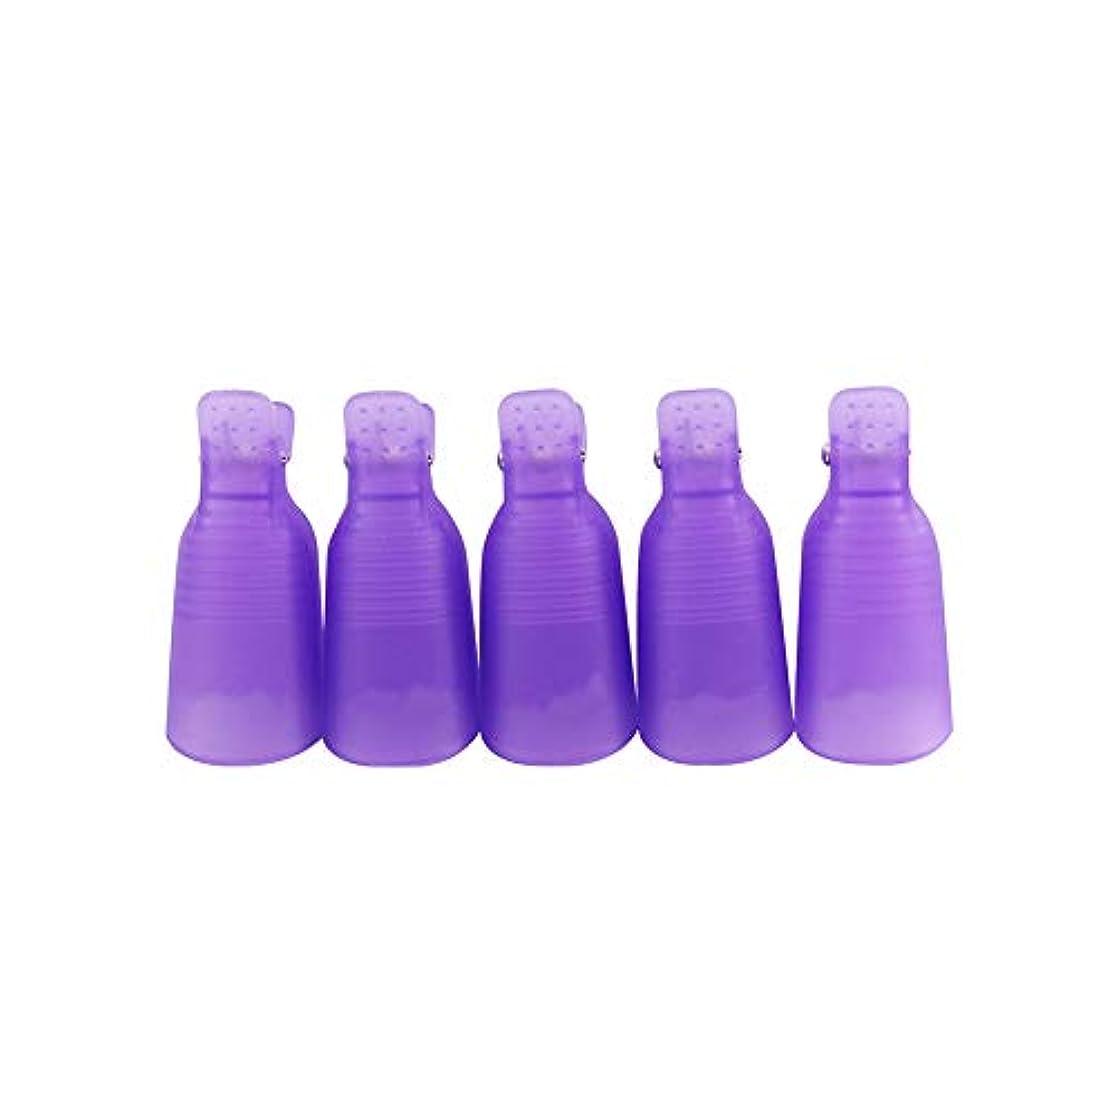 百年哲学博士探す5マニキュアUV接着パッドは、キャップリムーバーツールネイルネイルポリッシュリムーバー再利用可能なシリコーンはラップまたはオフに浸した家庭用のサロン(紫)